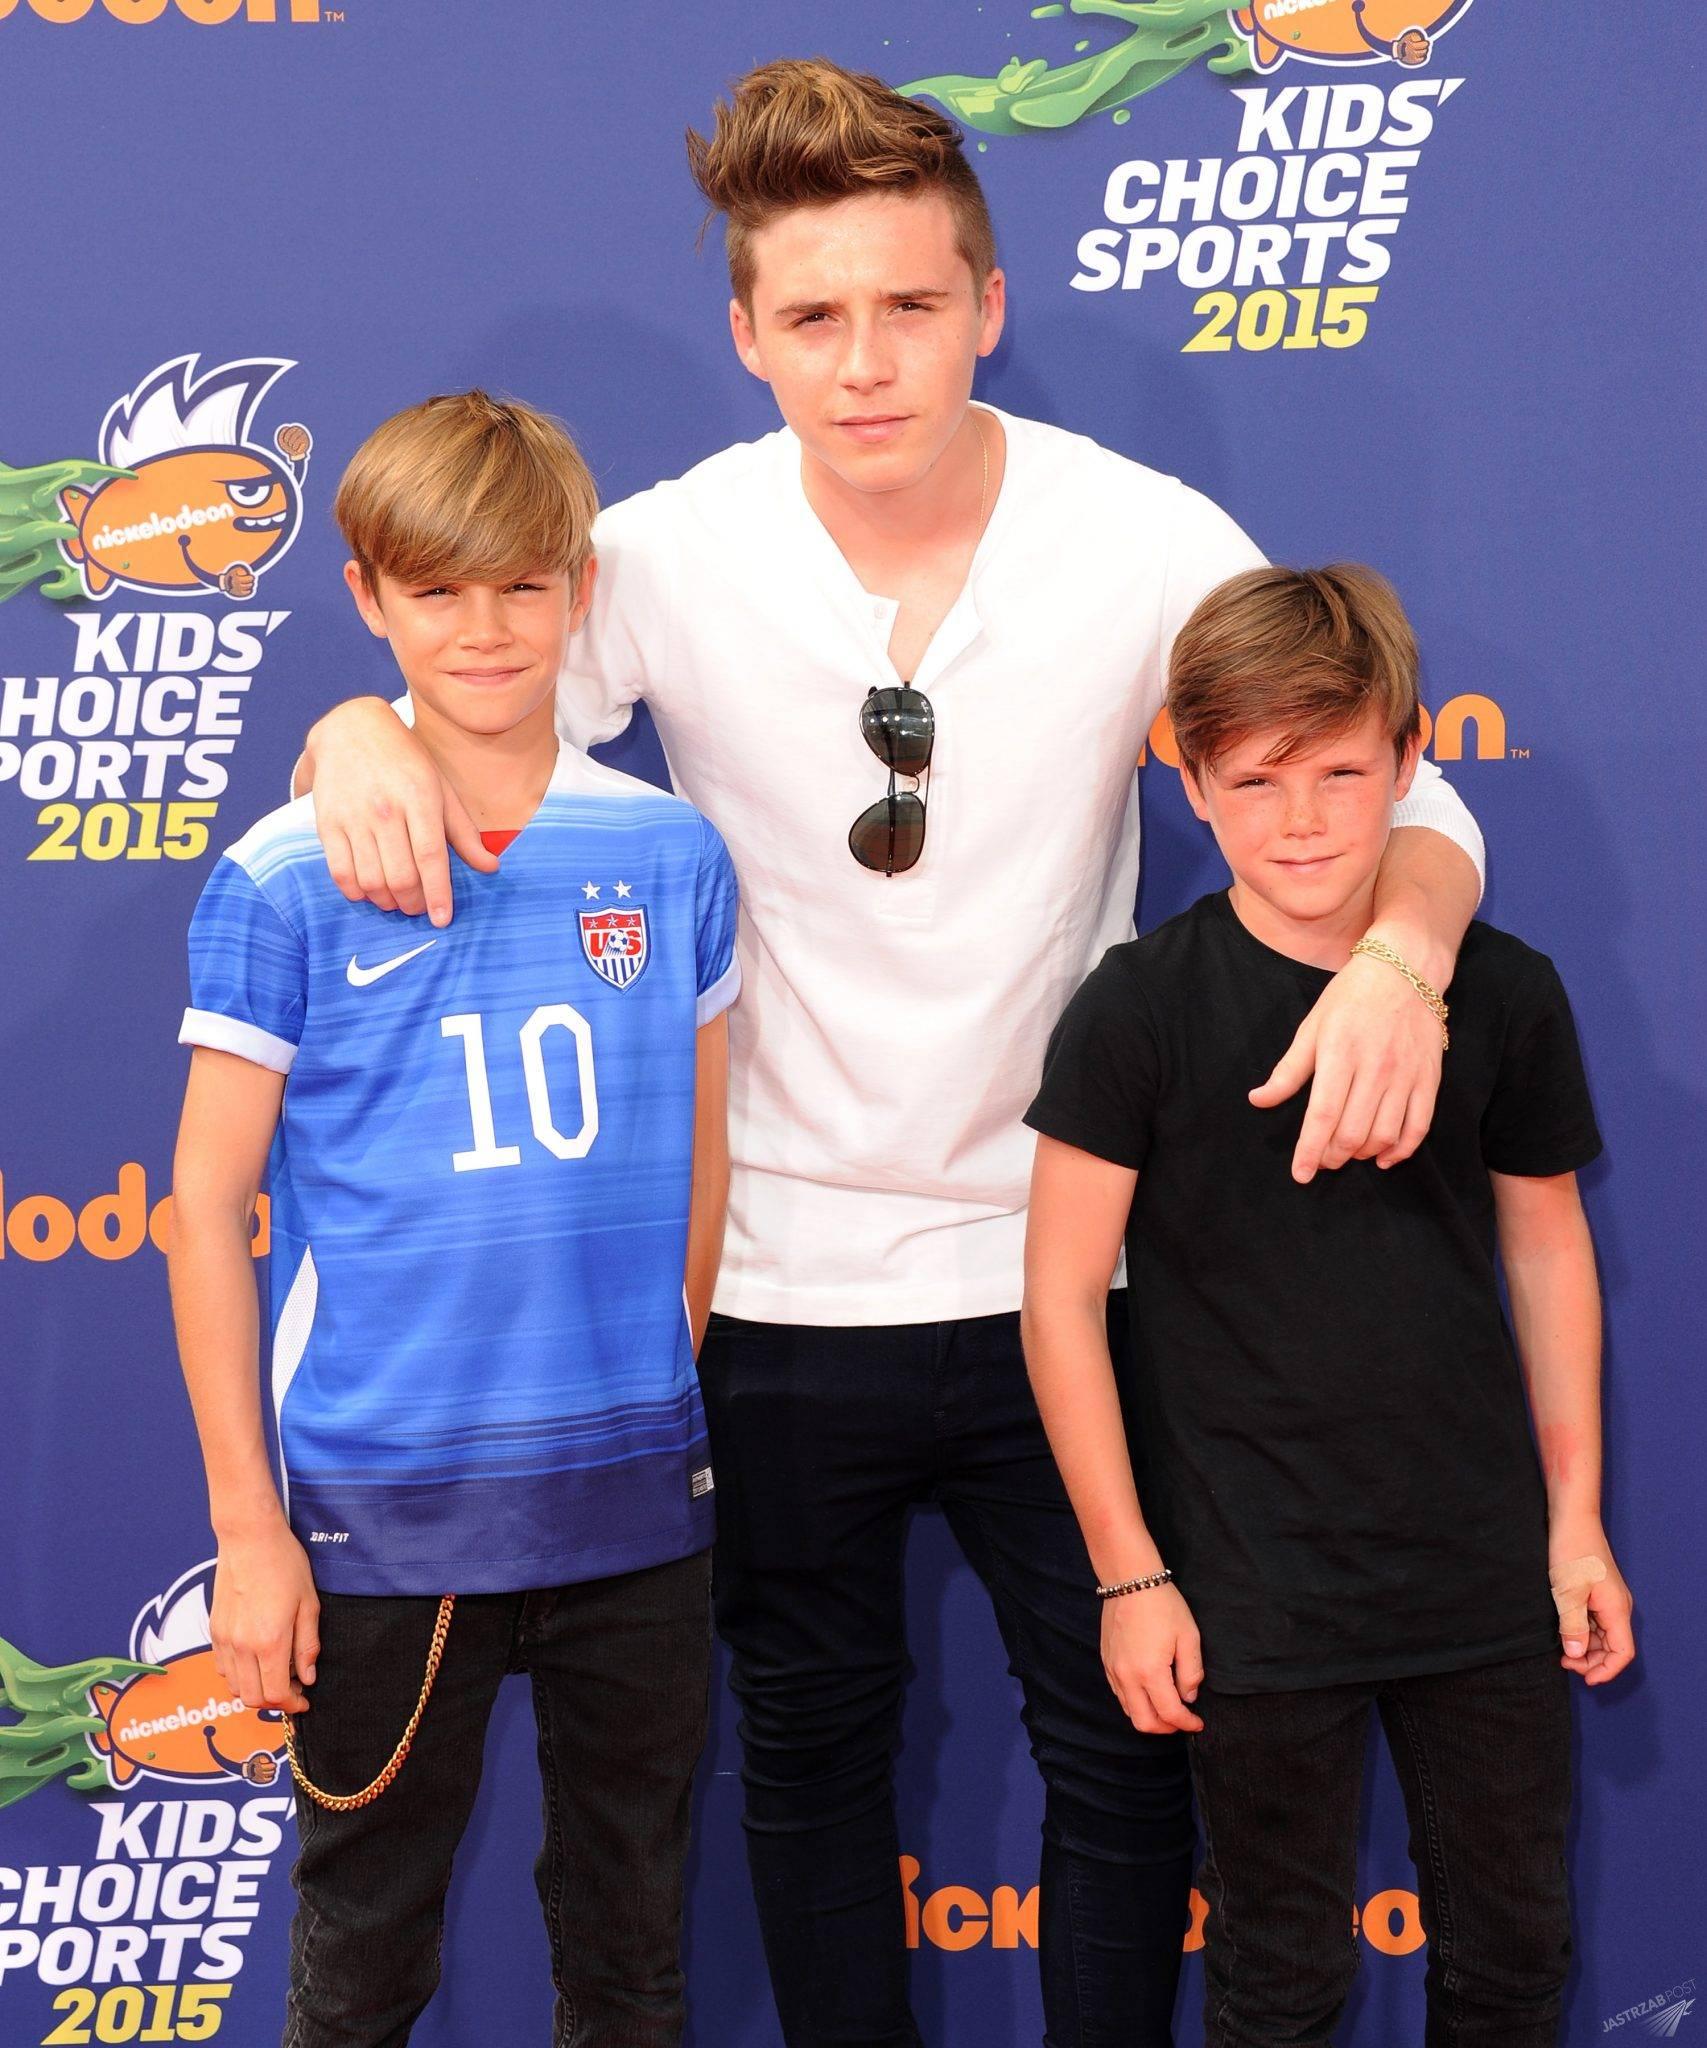 Wszyscy synowie Davida i Victorii Beckhamów - Romeo, Brooklyn i Cruz